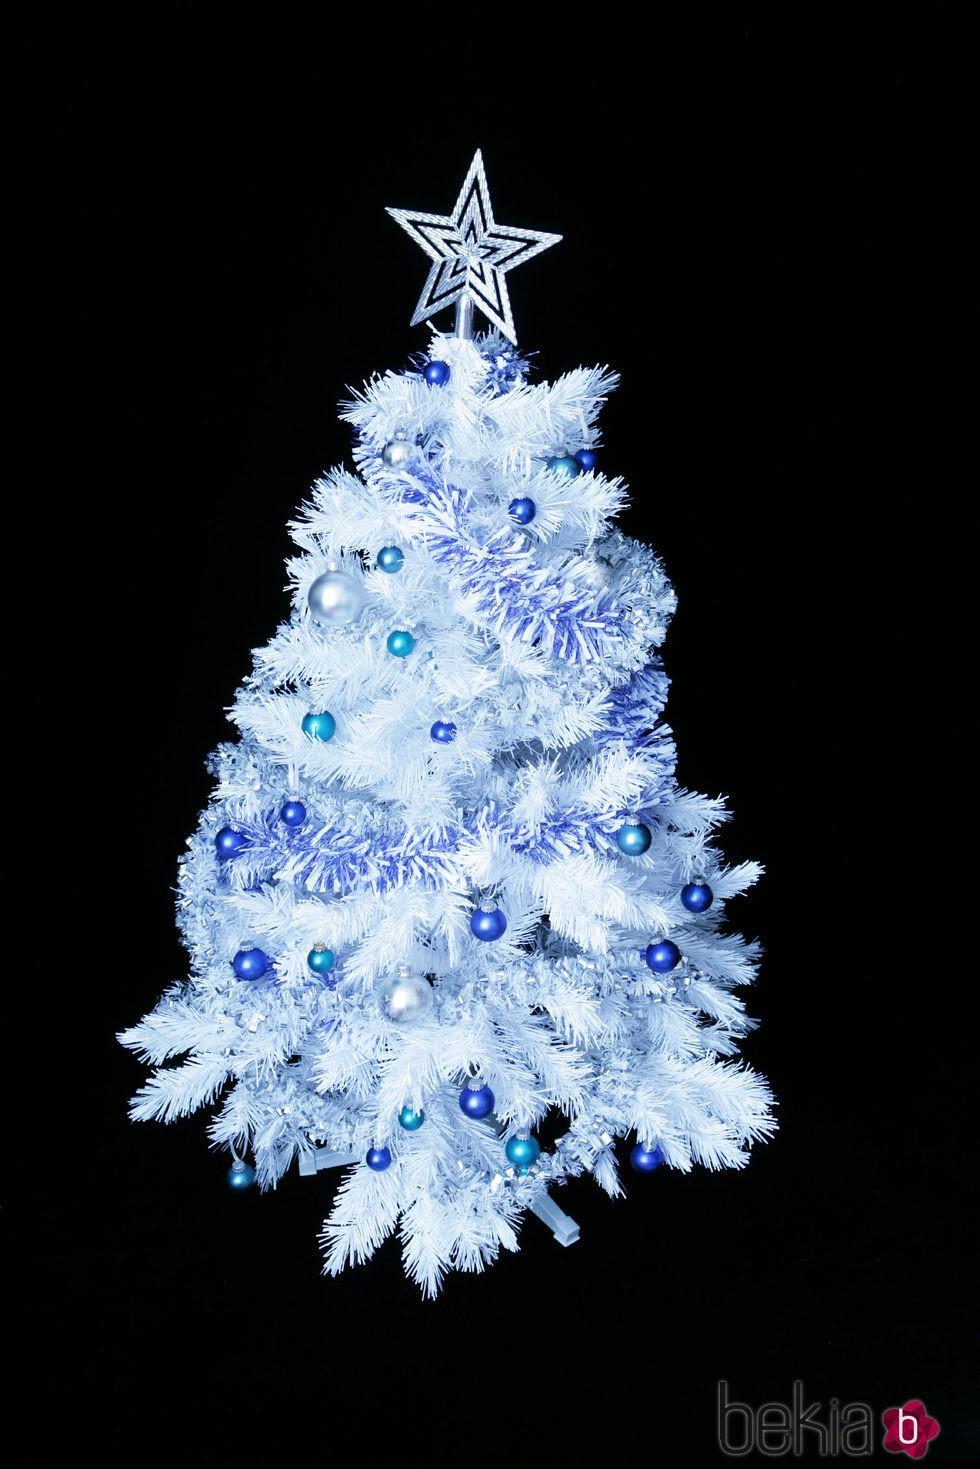 Rbol de navidad blanco sorprende con una decoraci n en - Arboles de navidad blancos ...